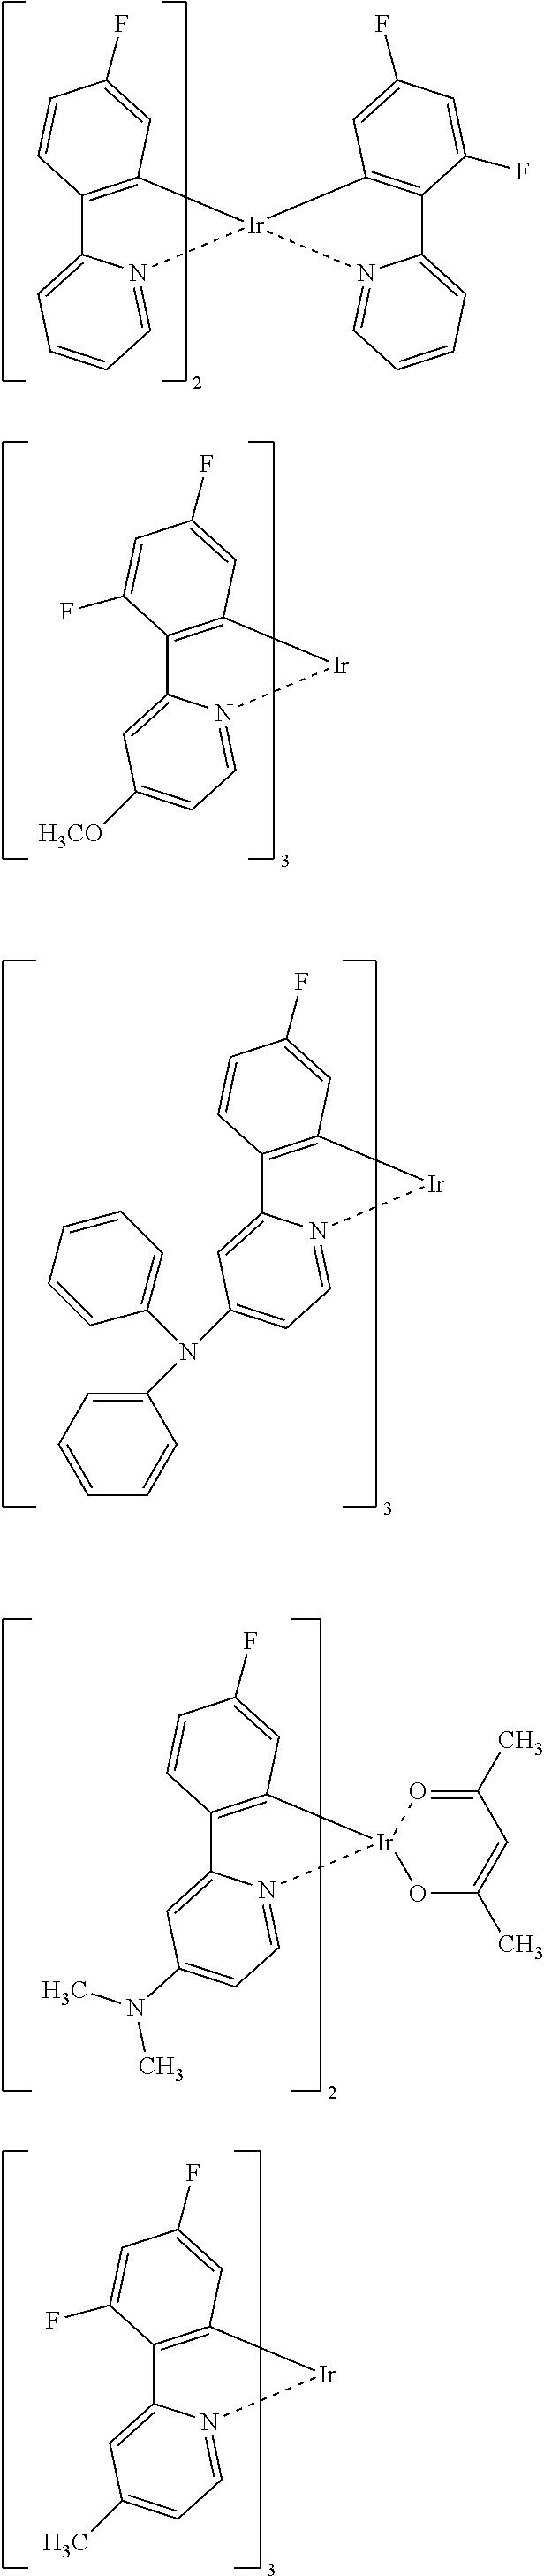 Figure US09837615-20171205-C00091